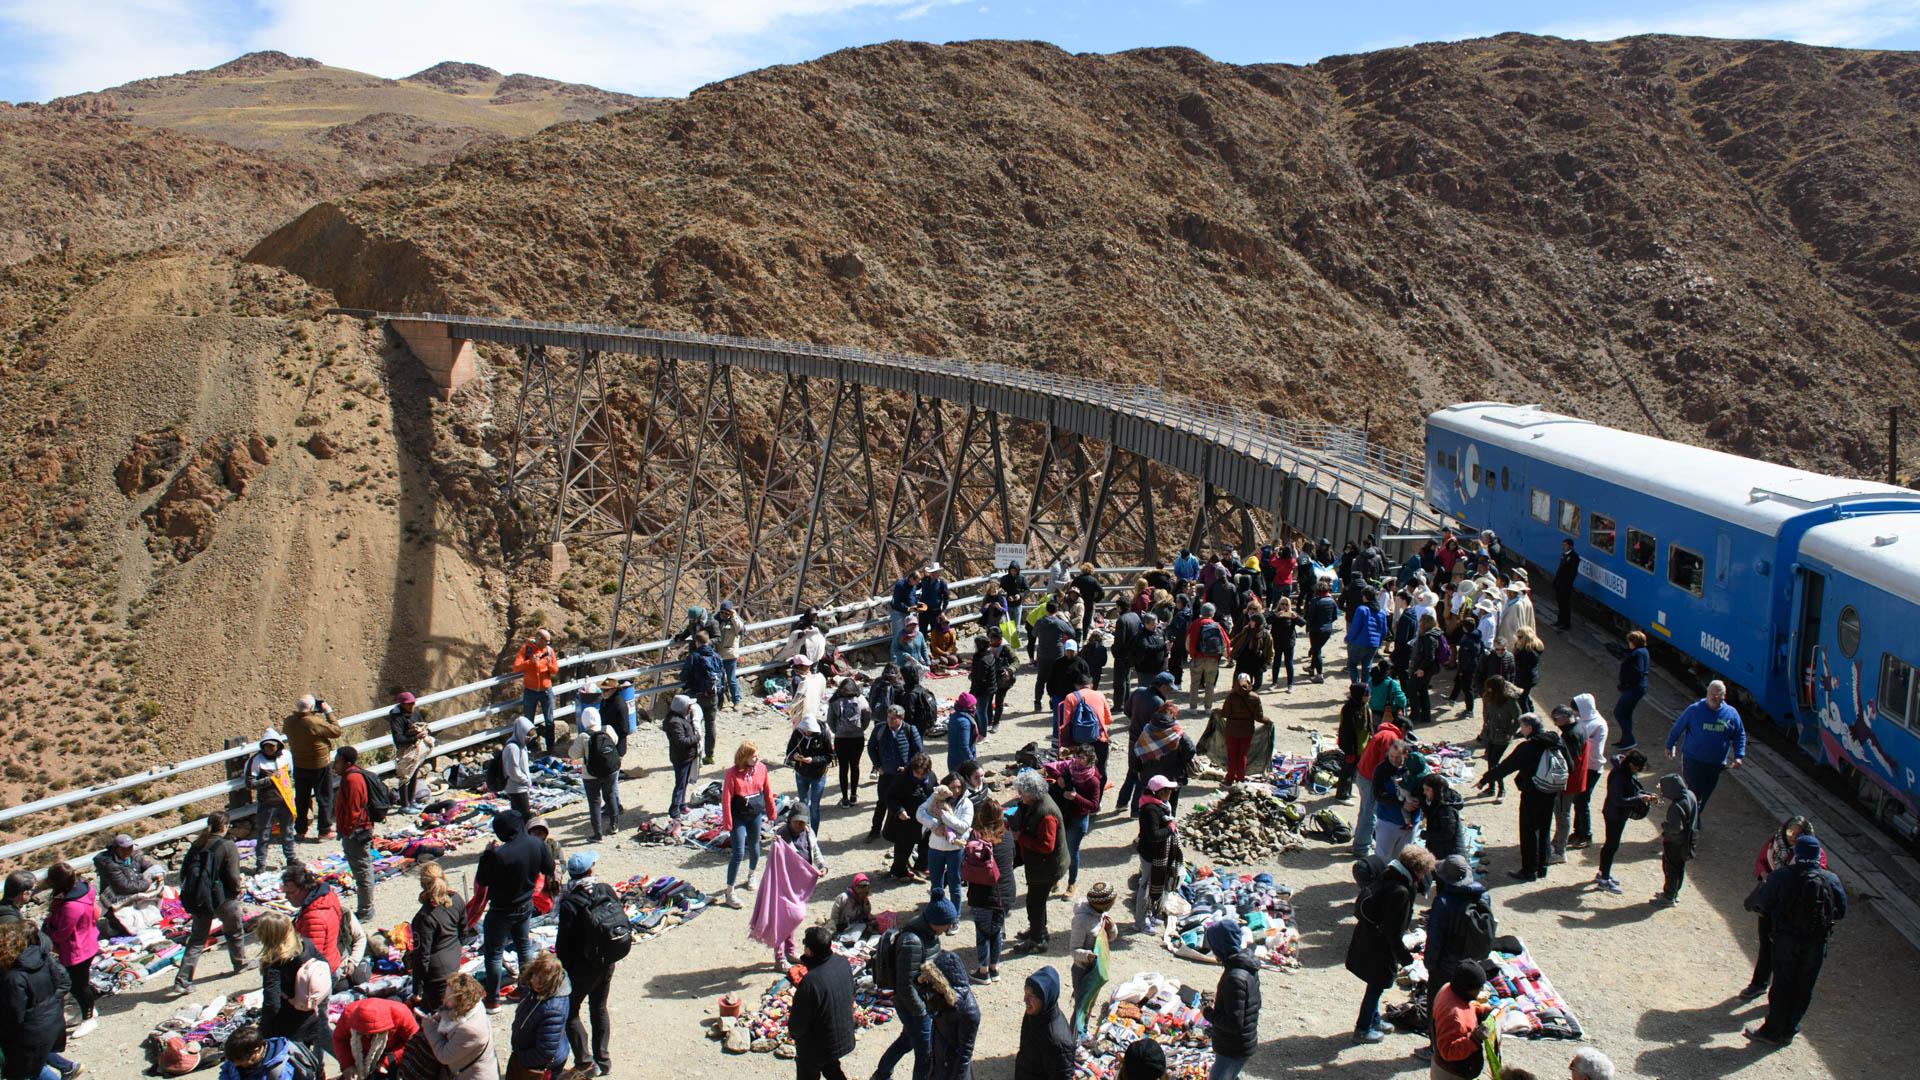 La feria del viaducto La Polvorilla, el punto más alto al que llega el Tren a las Nubes.